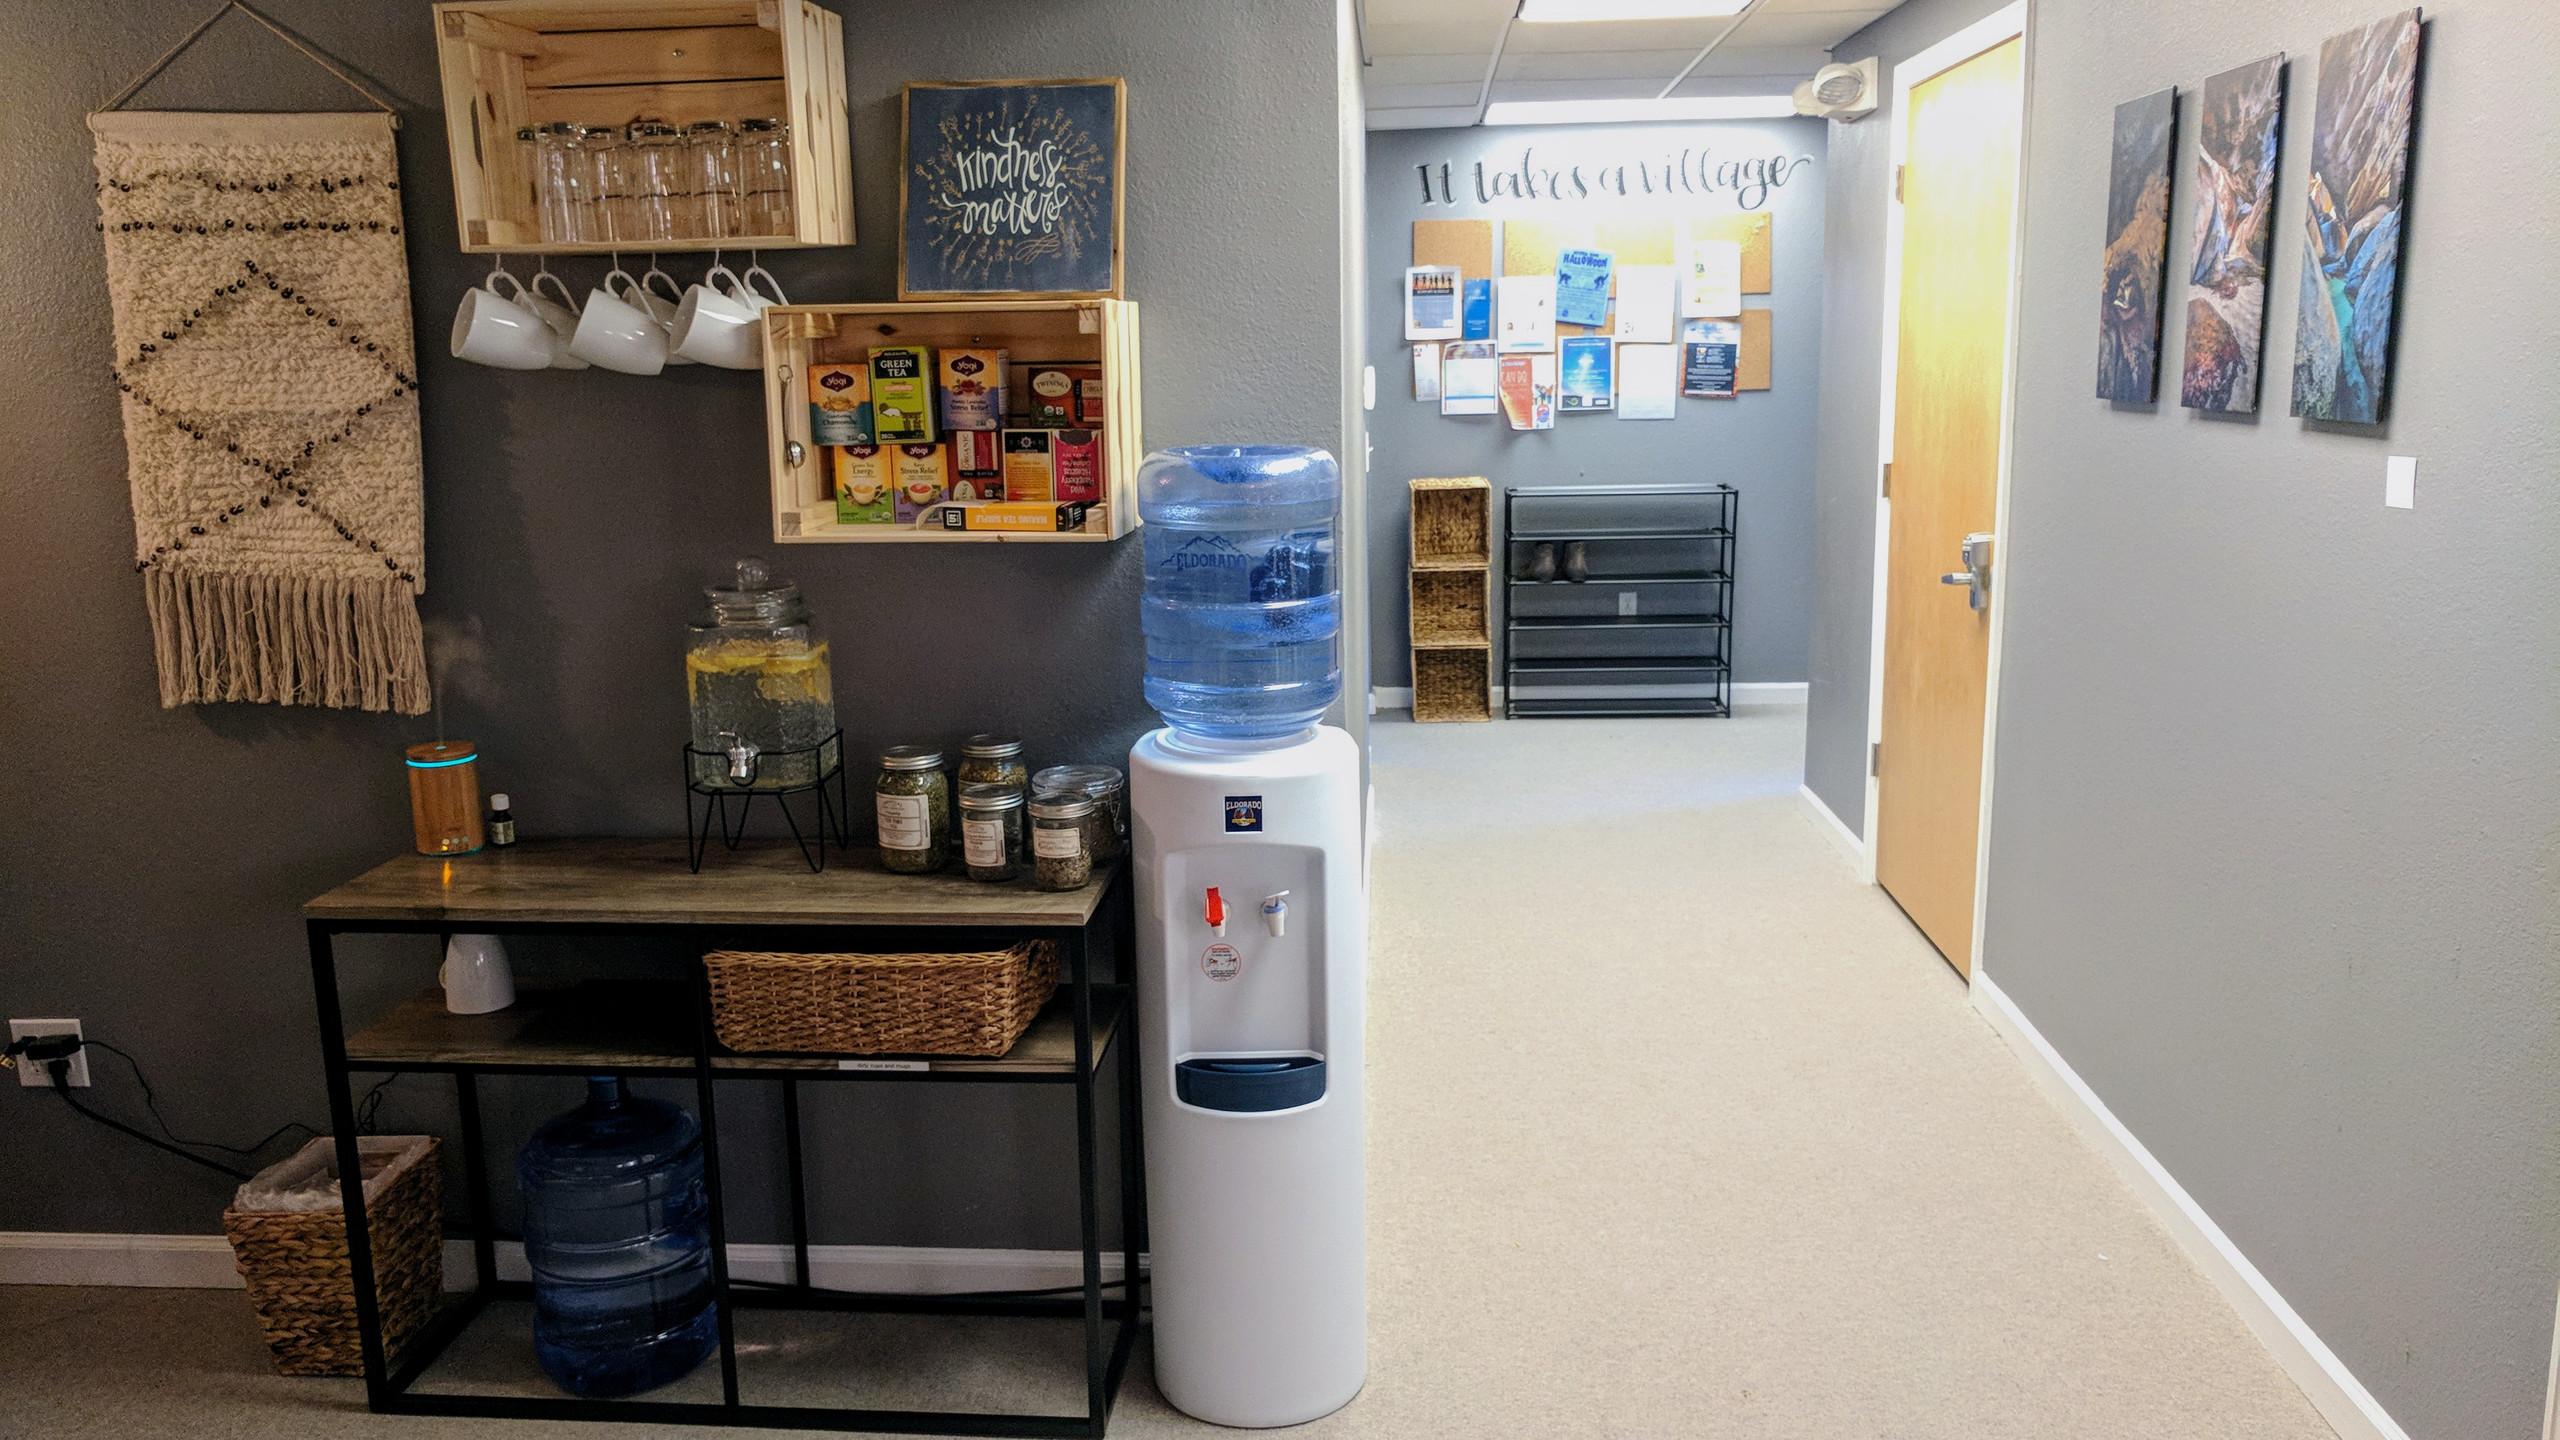 Tea Station & Hallway